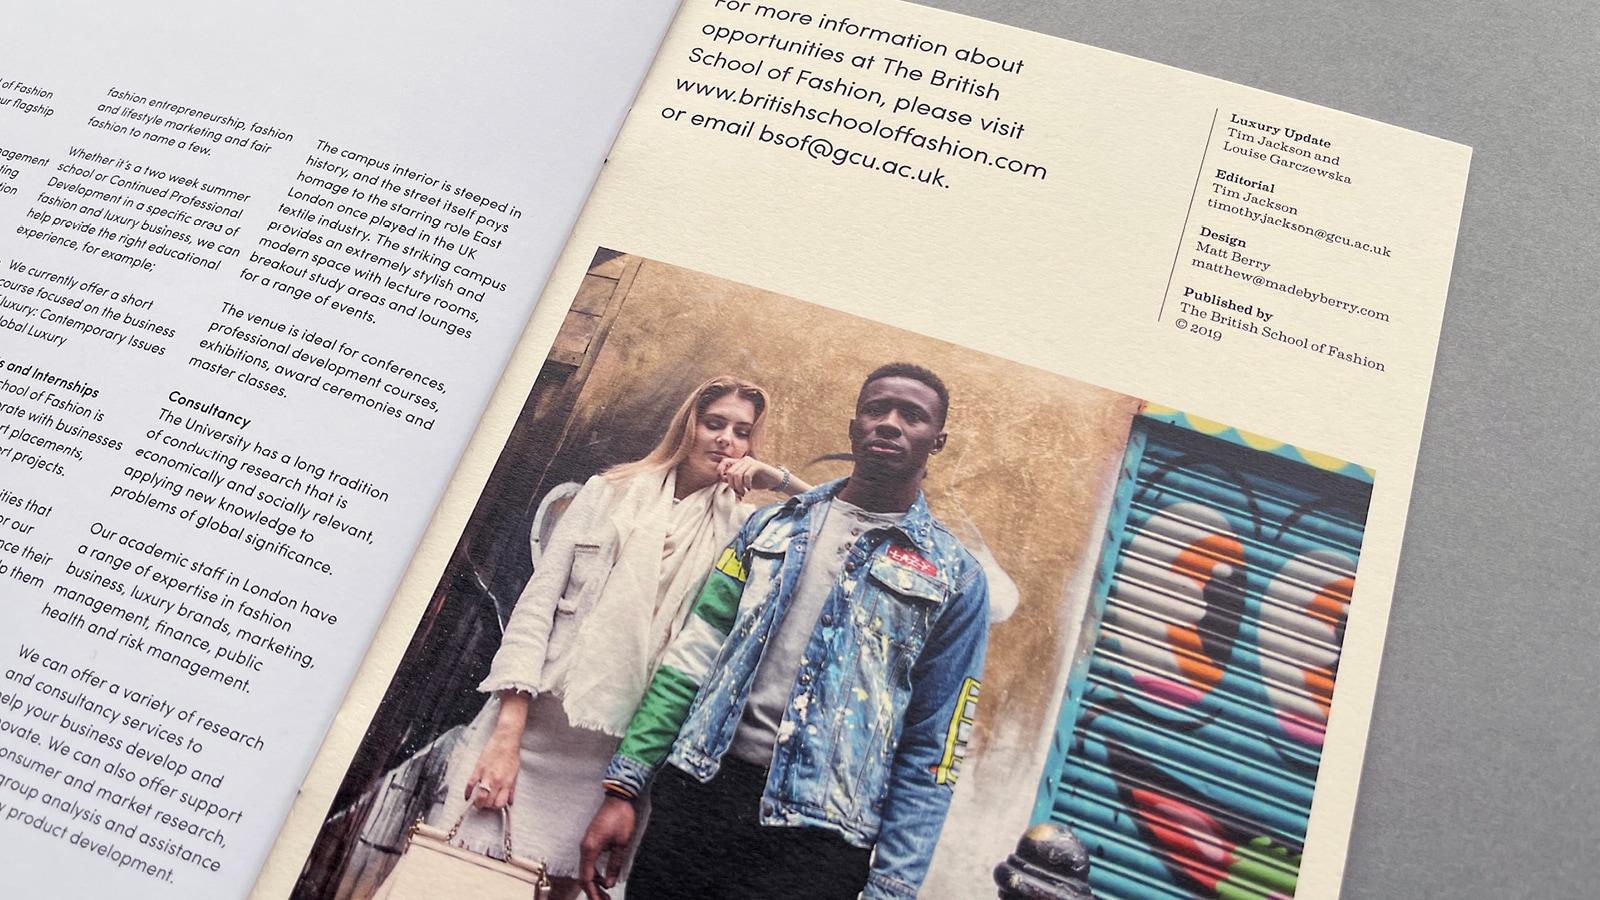 luxury-fashion-magazine-journal-editorial-typography-design-milton-keynes-london5